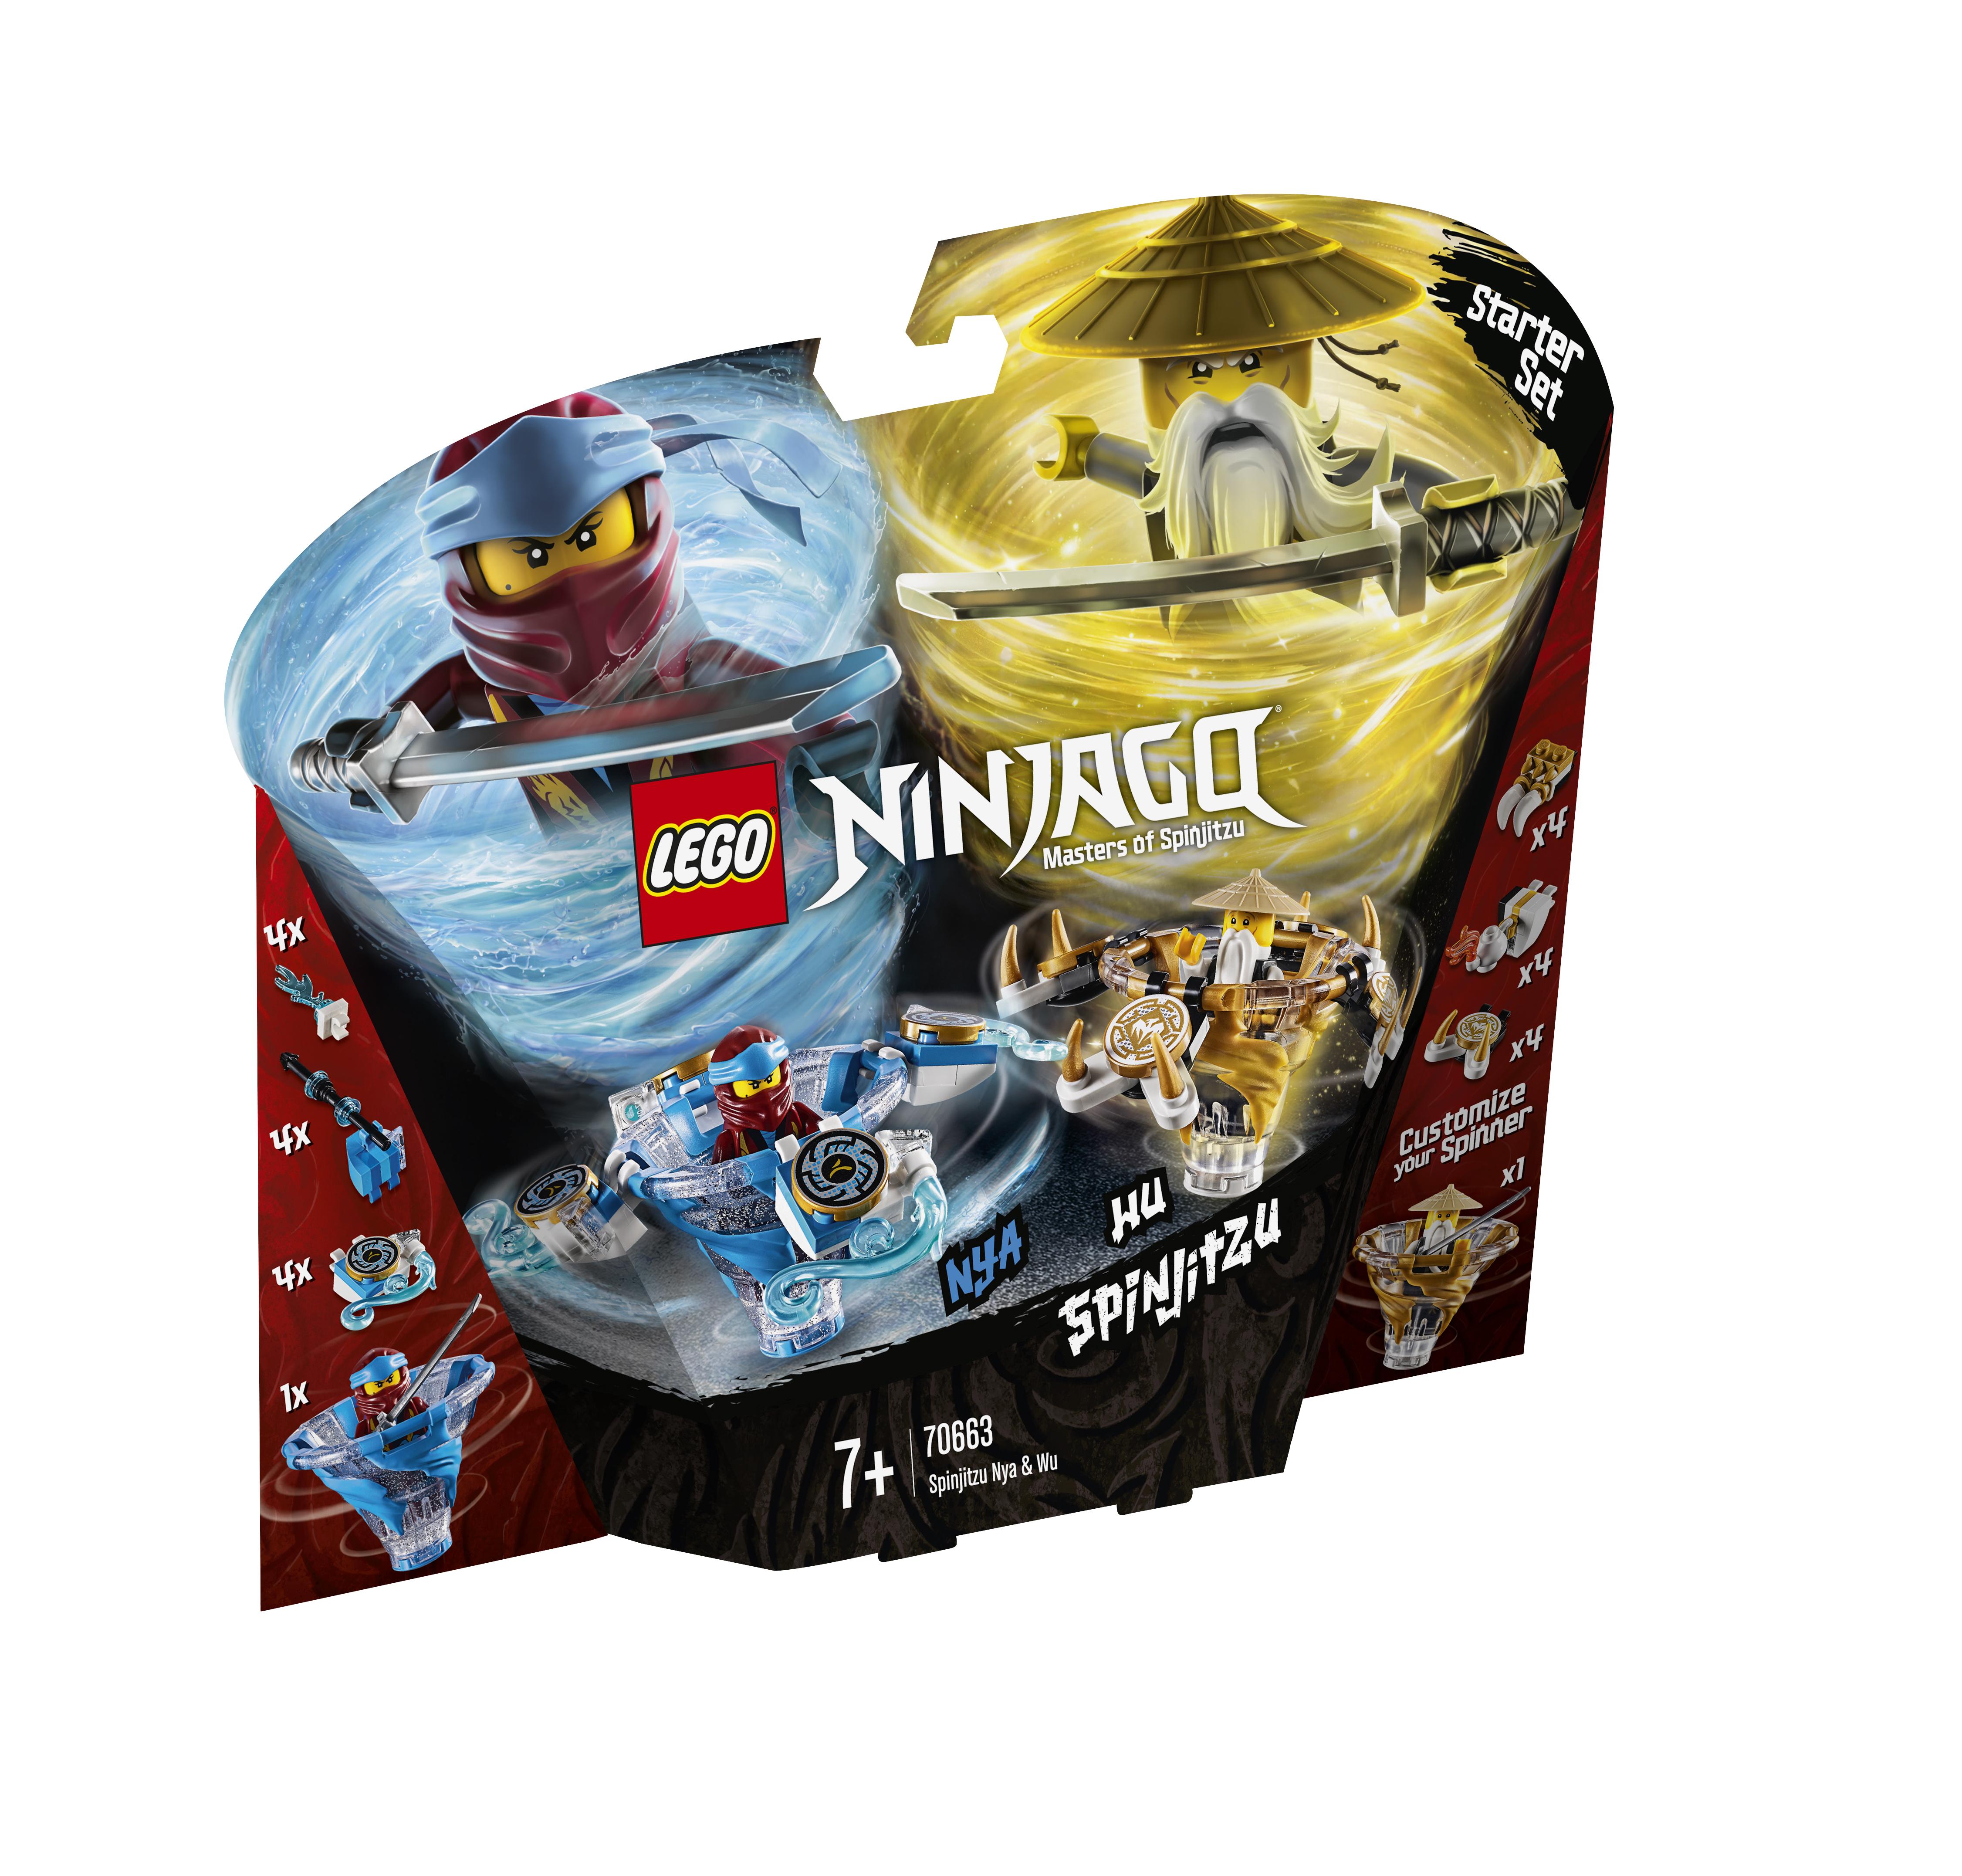 Конструктор LEGO Ninjago 70663 Ния и Ву: мастера Кружитцу конструктор lepin ninjag летающий корабль мастера ву 2455 дет 06057